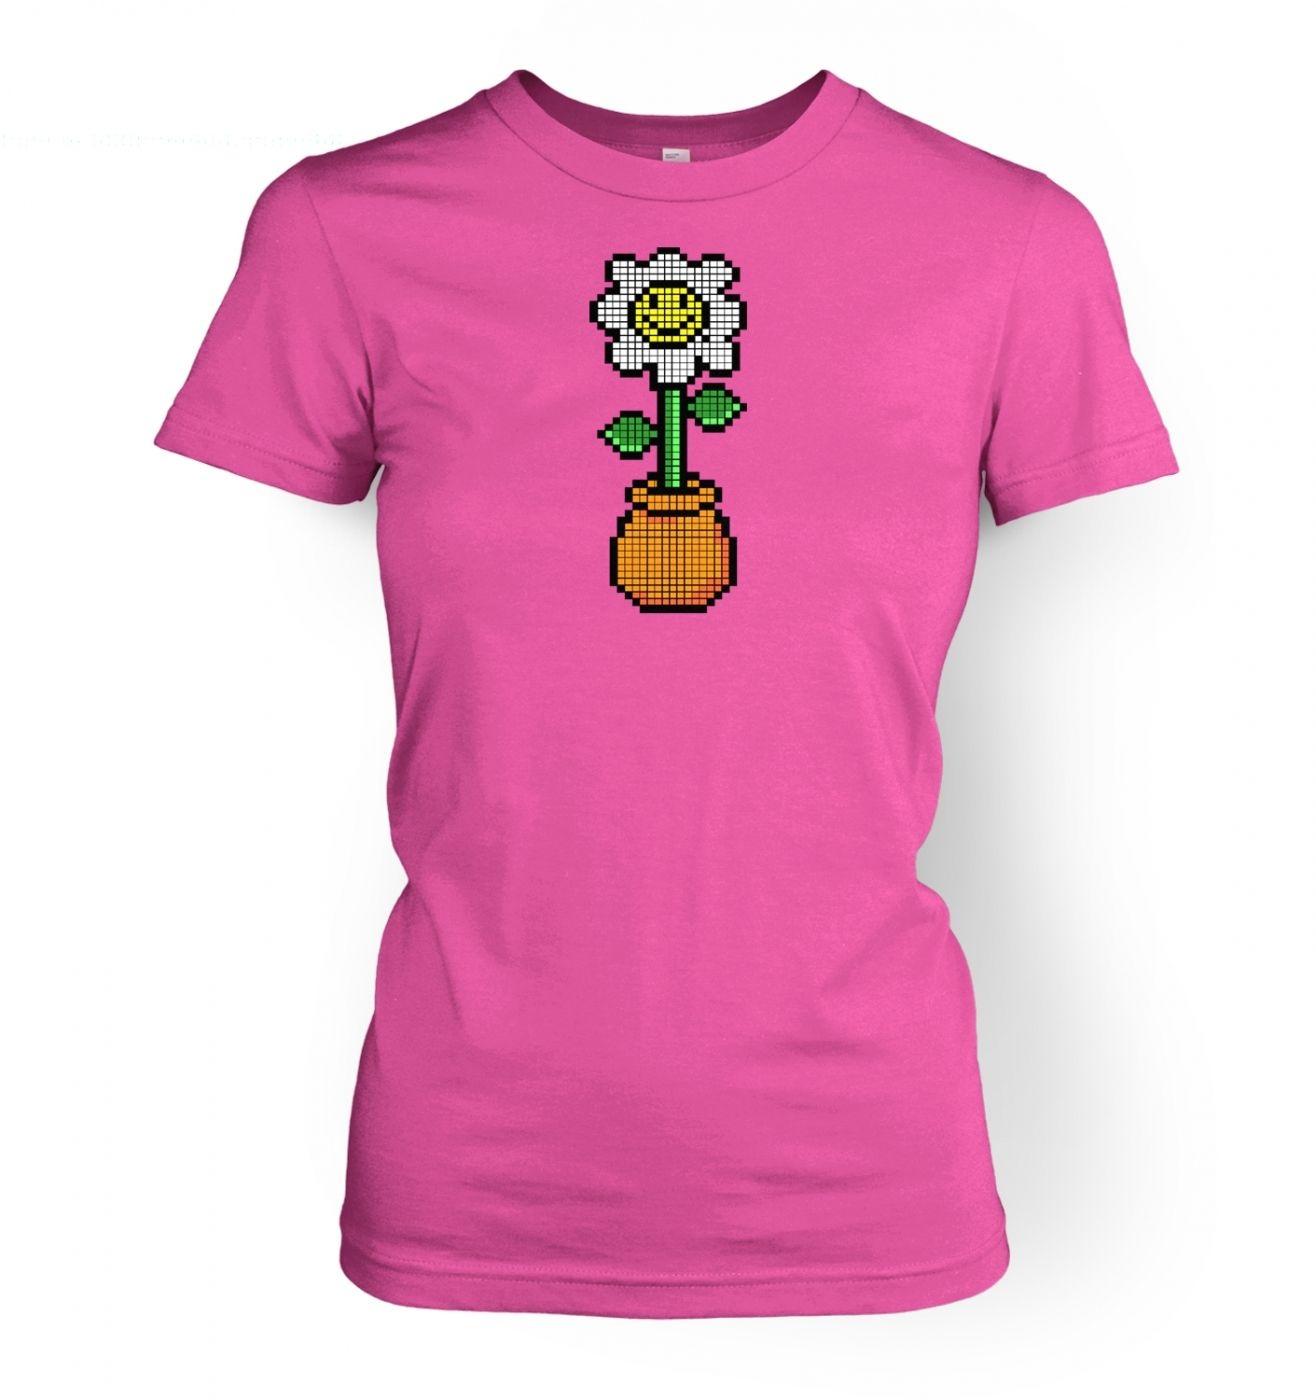 8-Bit Daisy women's fitted t-shirt